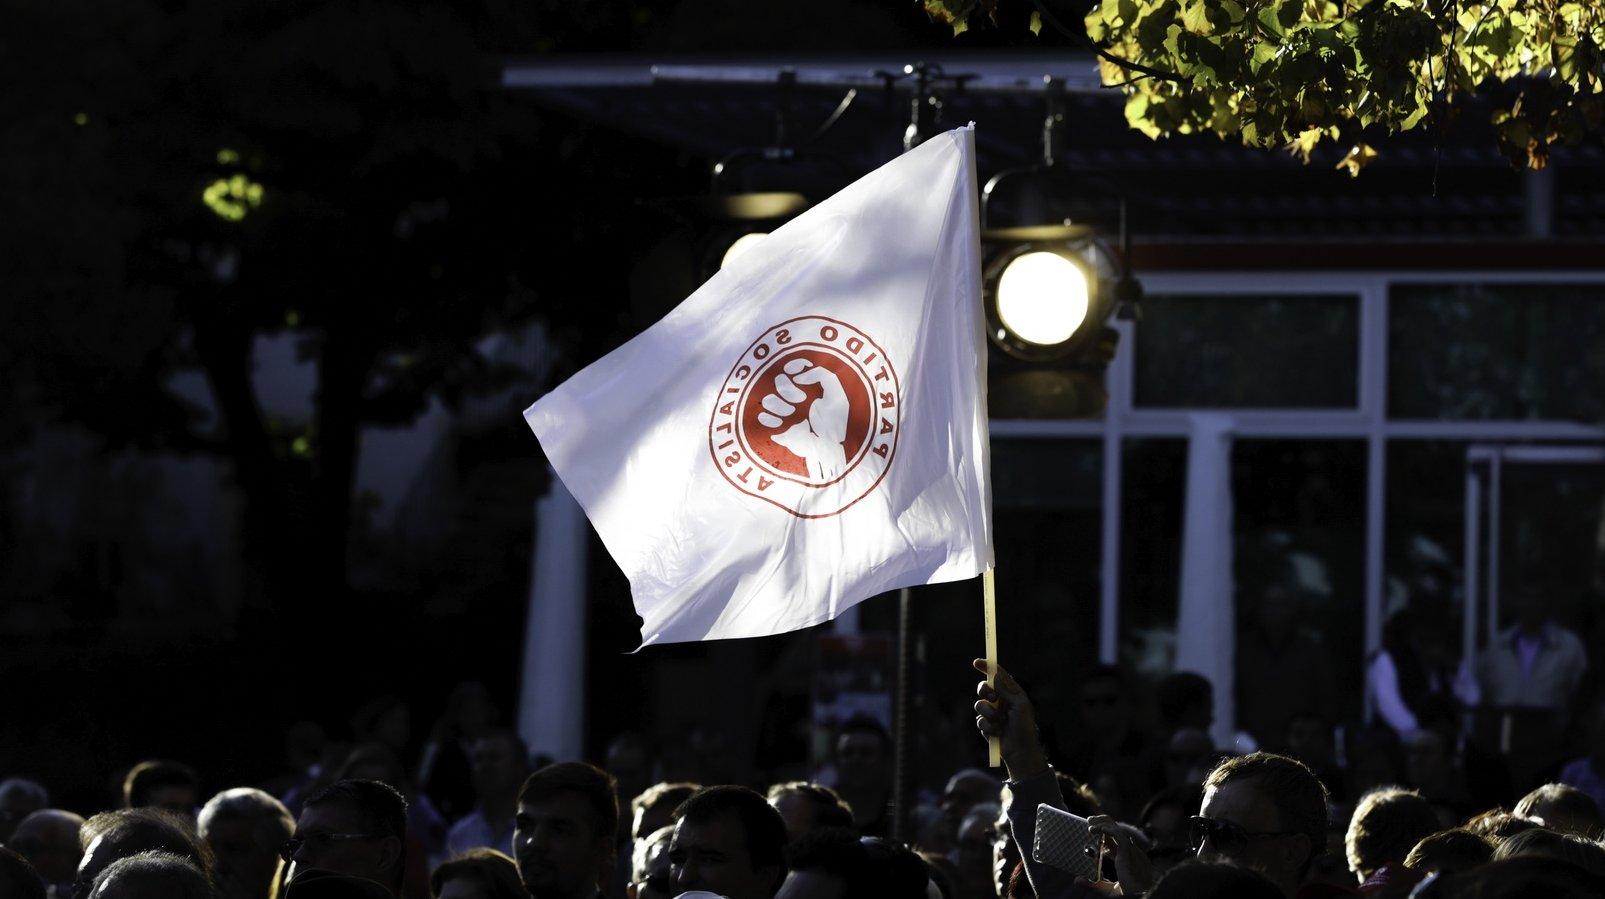 Uma bandeira do Partido Socialista durante uma ação de campanha do candidat do PS à Câmara da Guarda, Eduardo Brito, no Jardim José Lemos, Guarda, 17 de setembro de 2017. PAULO NOVAIS/LUSA